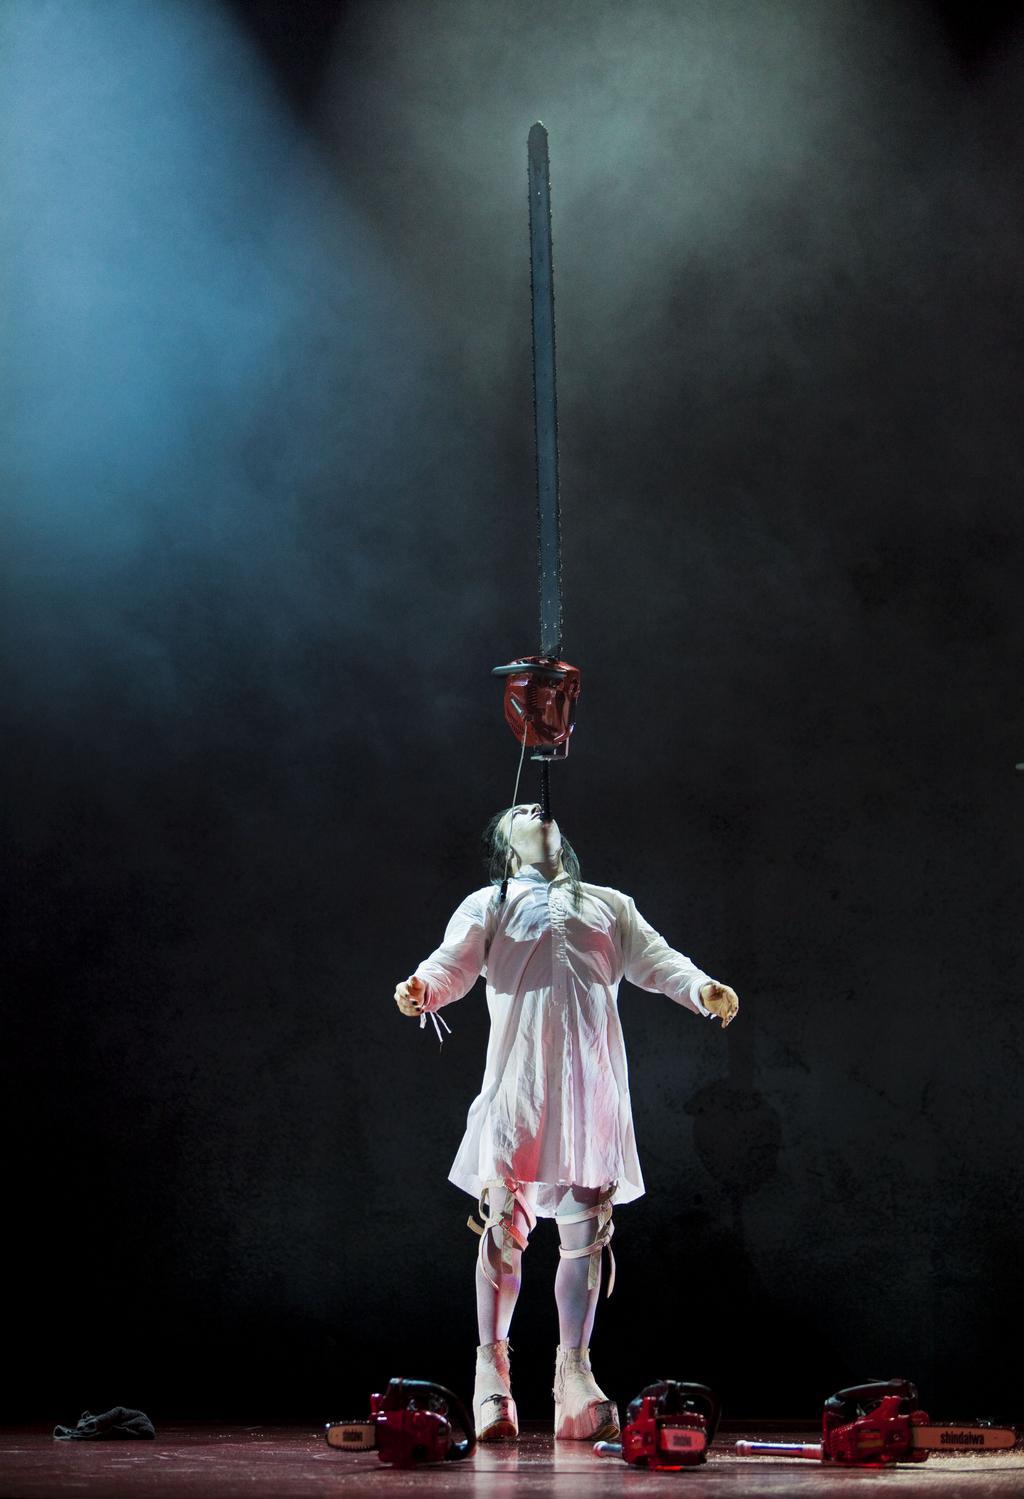 Cirkus Cirkör/ Wear it like a crown